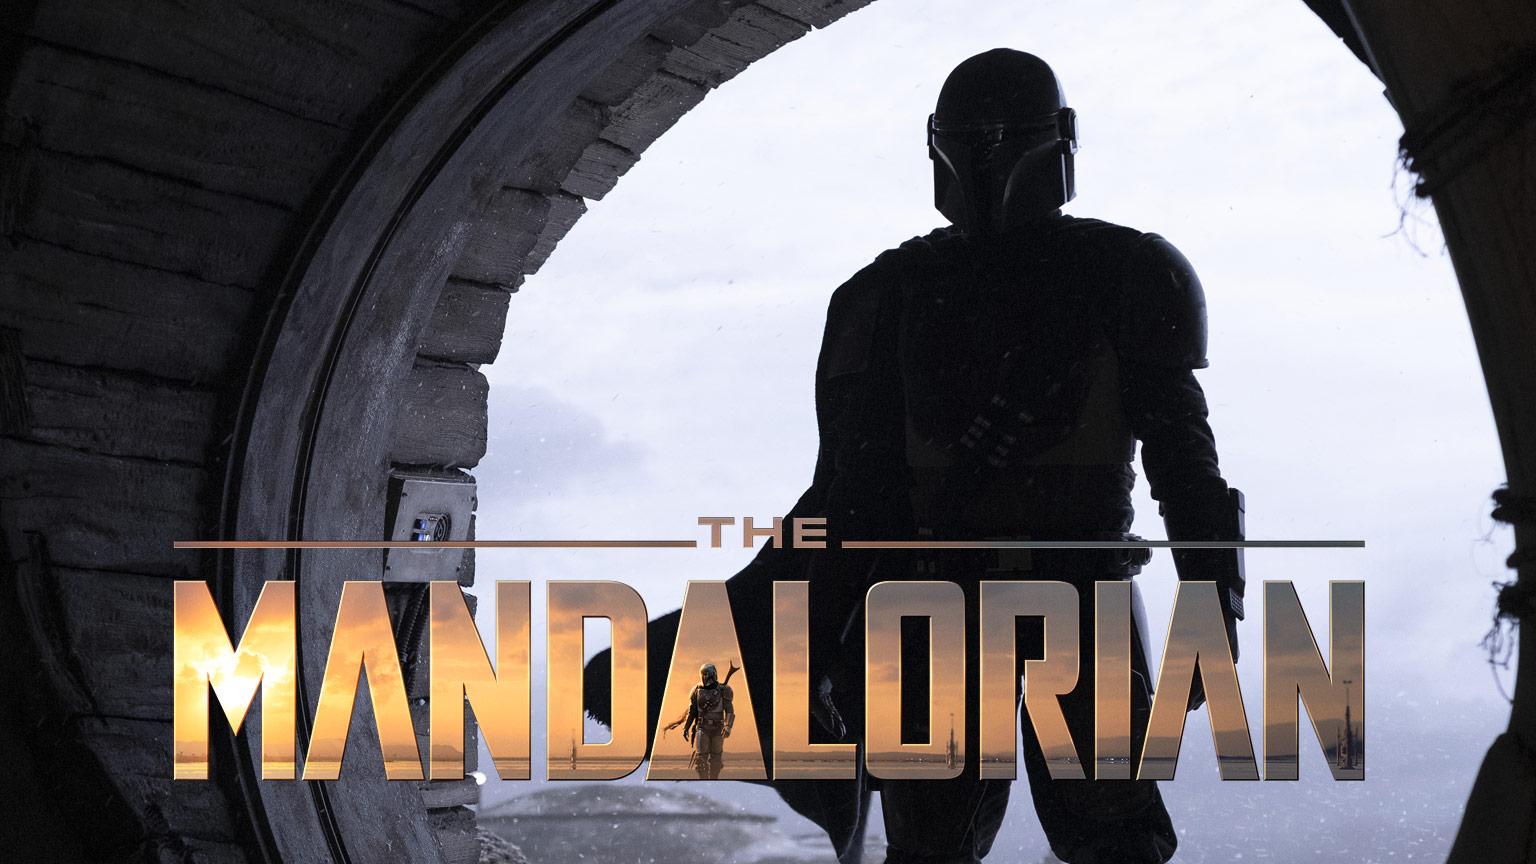 mandalorian_title.jpg